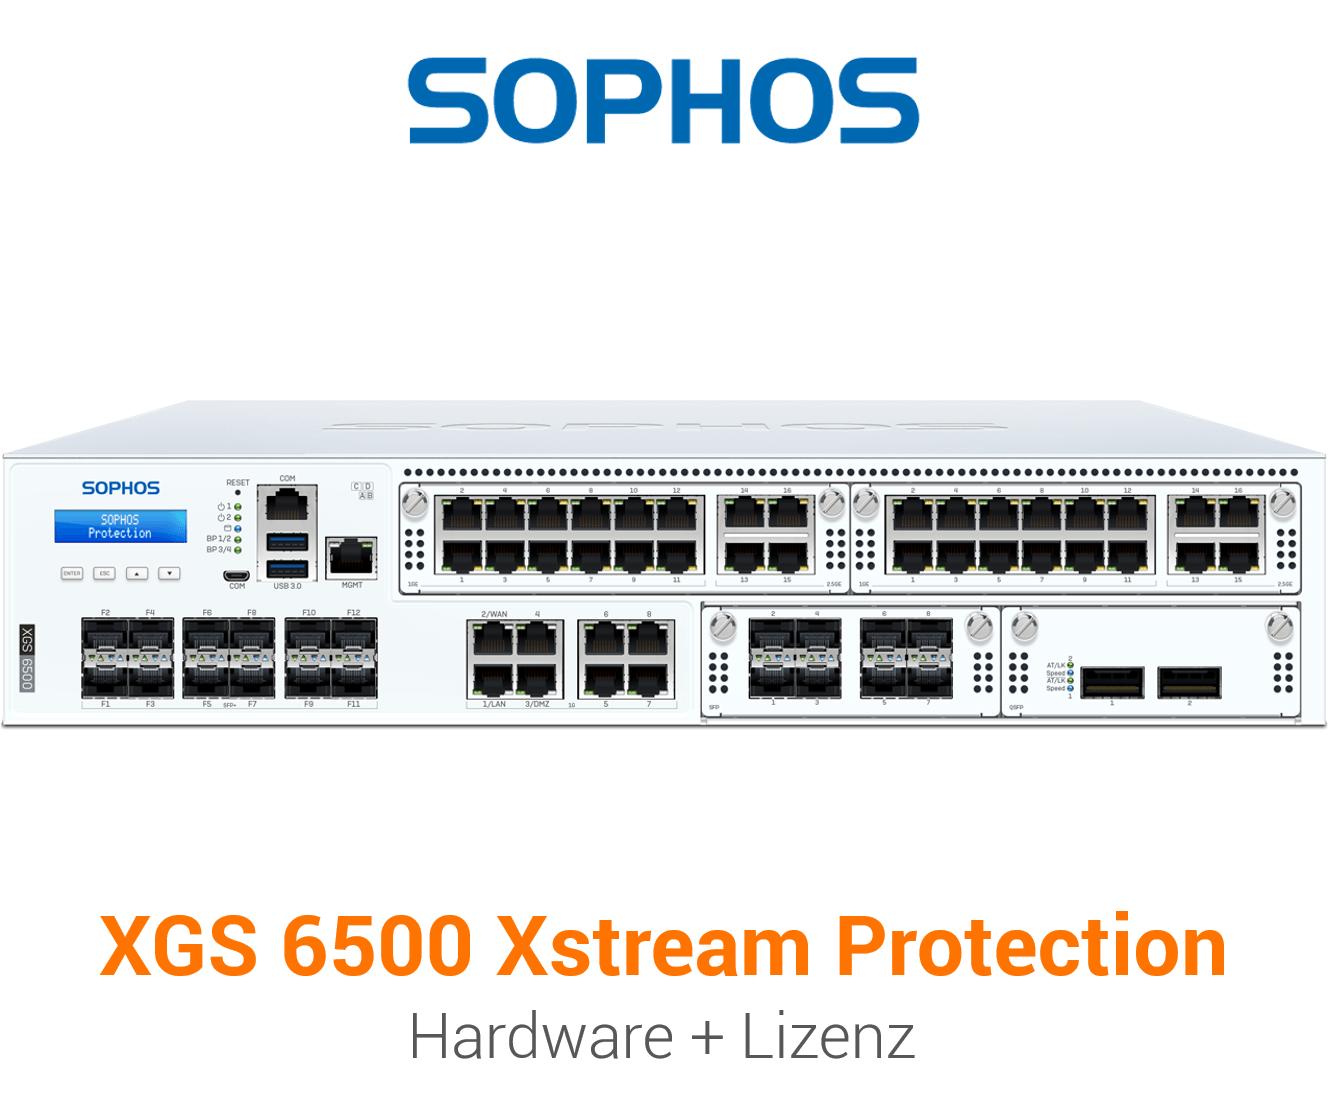 Sophos XGS 6500 mit Xstream Protection